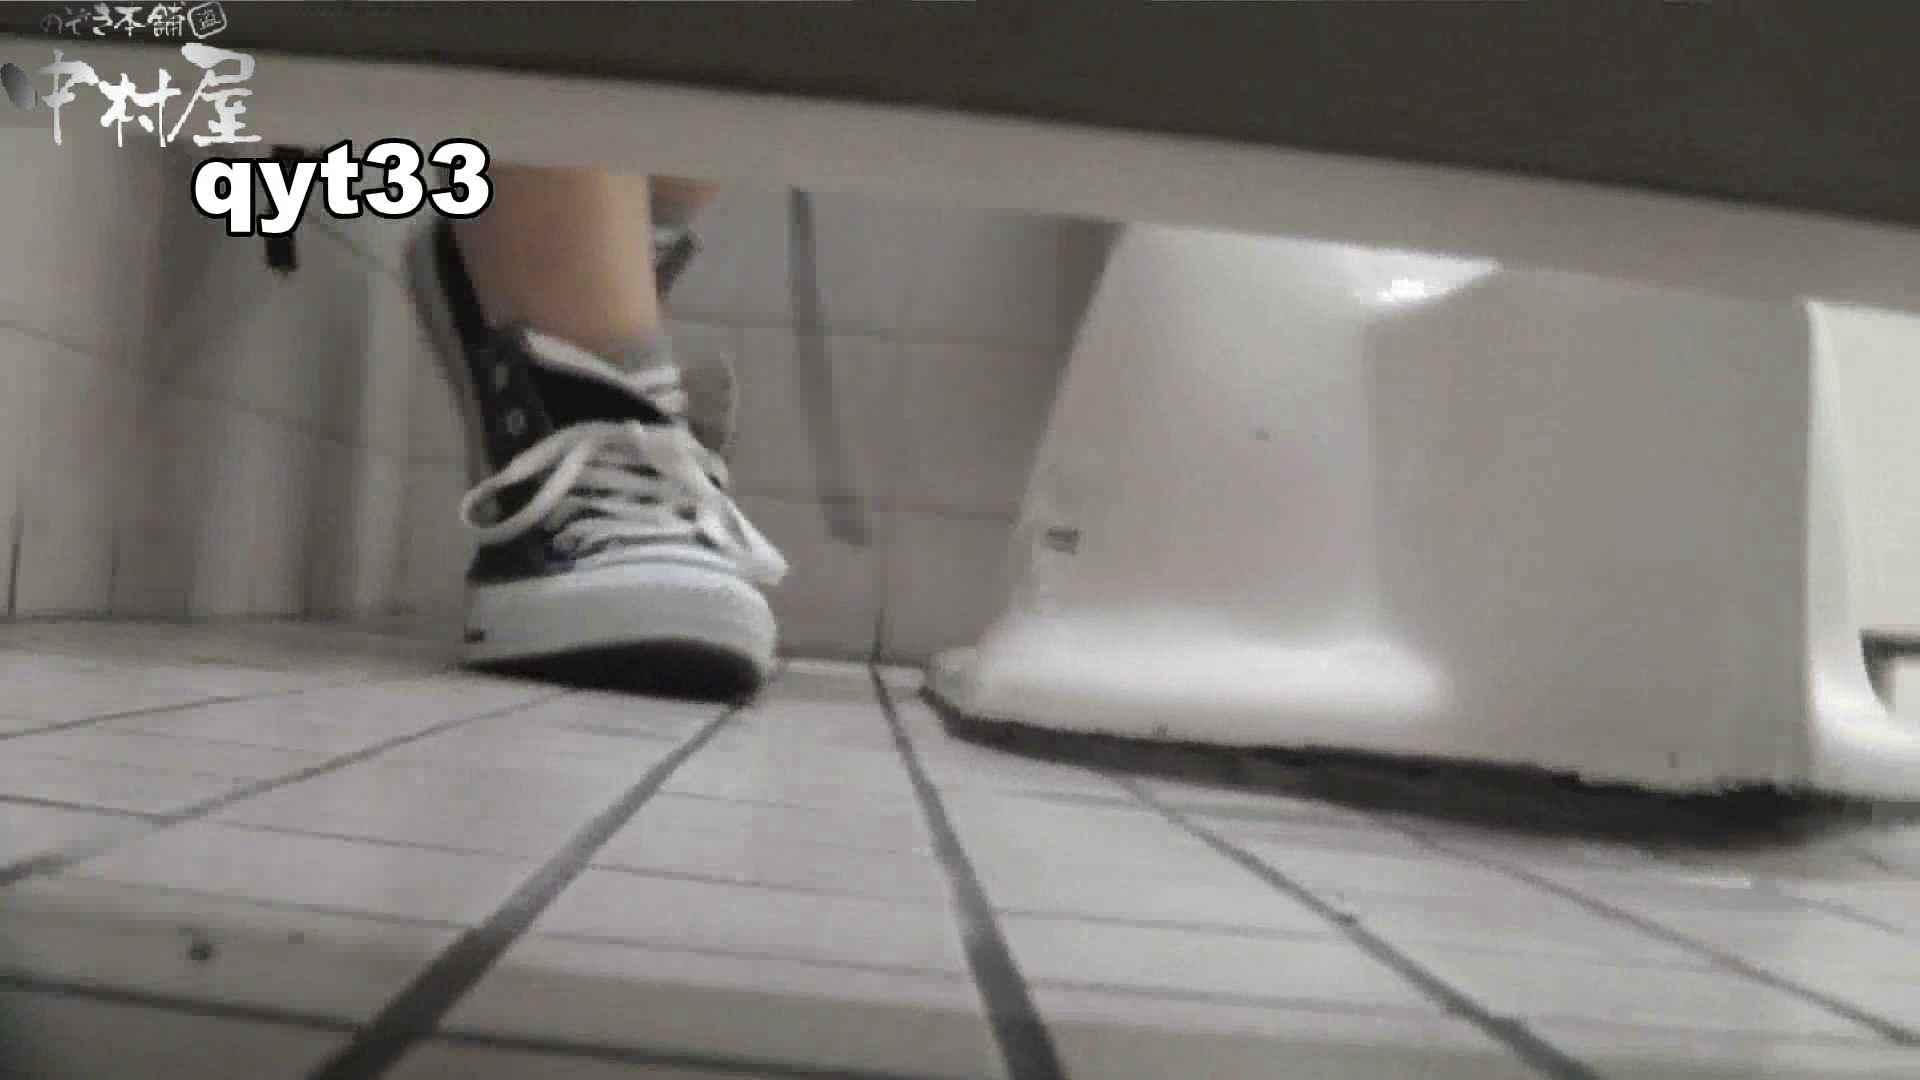 【お銀さんの「洗面所突入レポート!!」】お銀さんの「洗面所突入レポート!!」 vol.33 獲物は逃しません 洗面所突入 | 美しいOLの裸体  101pic 43